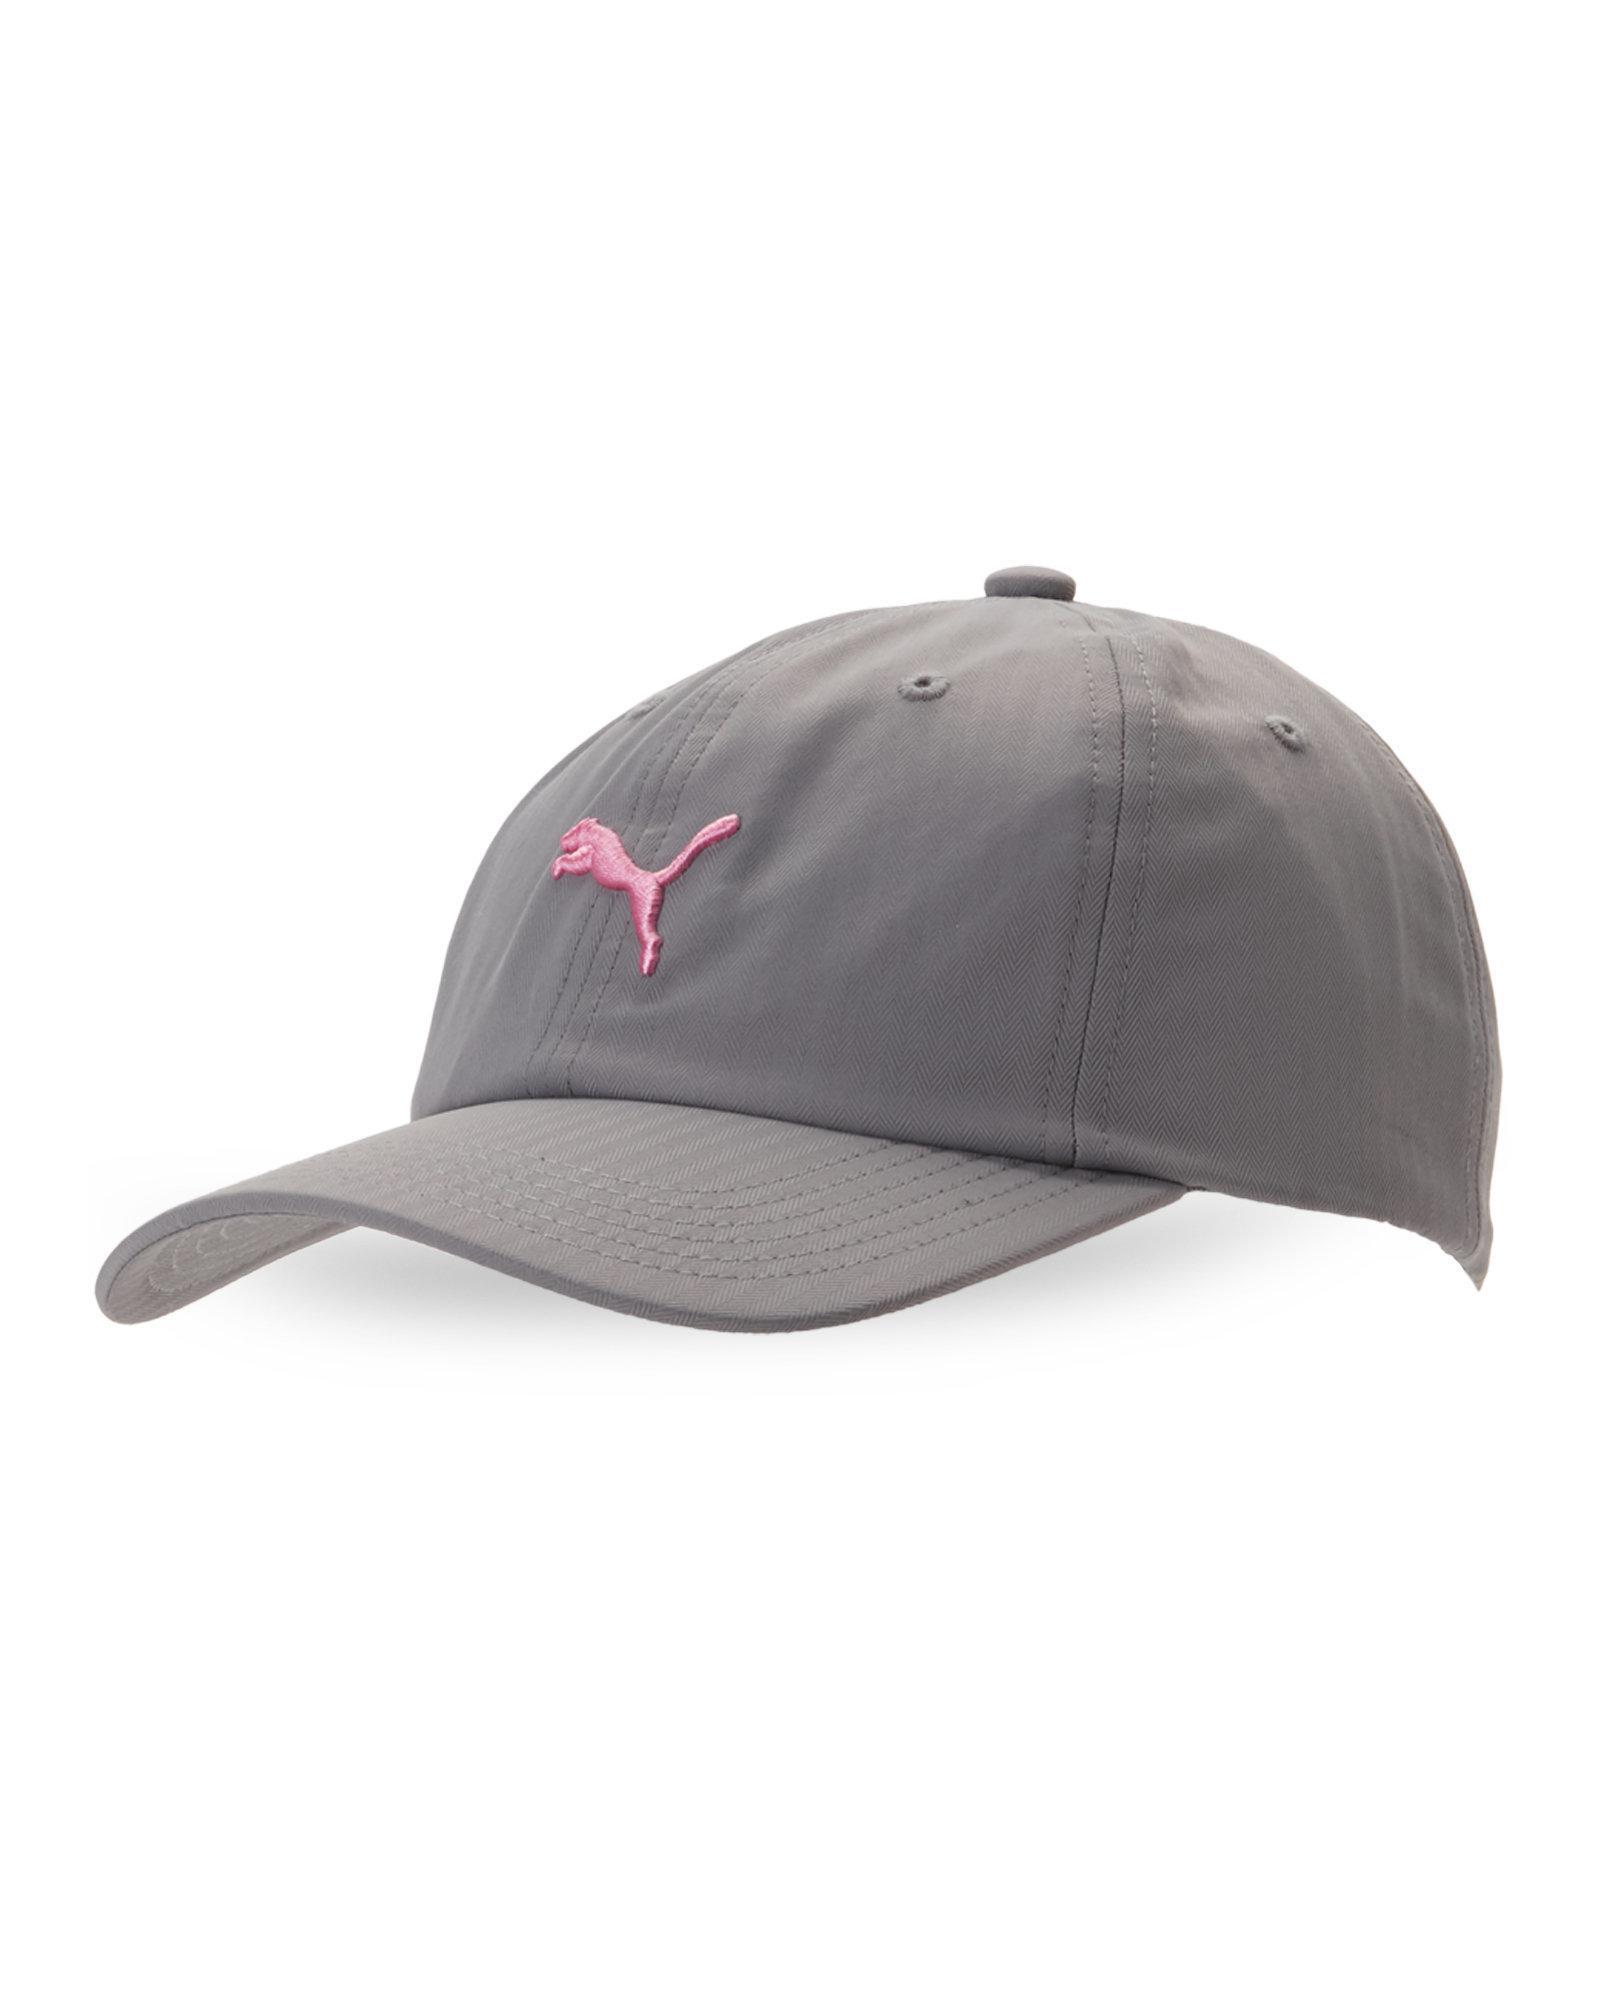 c59dbdbc69f Lyst - PUMA Grey   Pink Evercat Yates Baseball Cap in Gray for Men